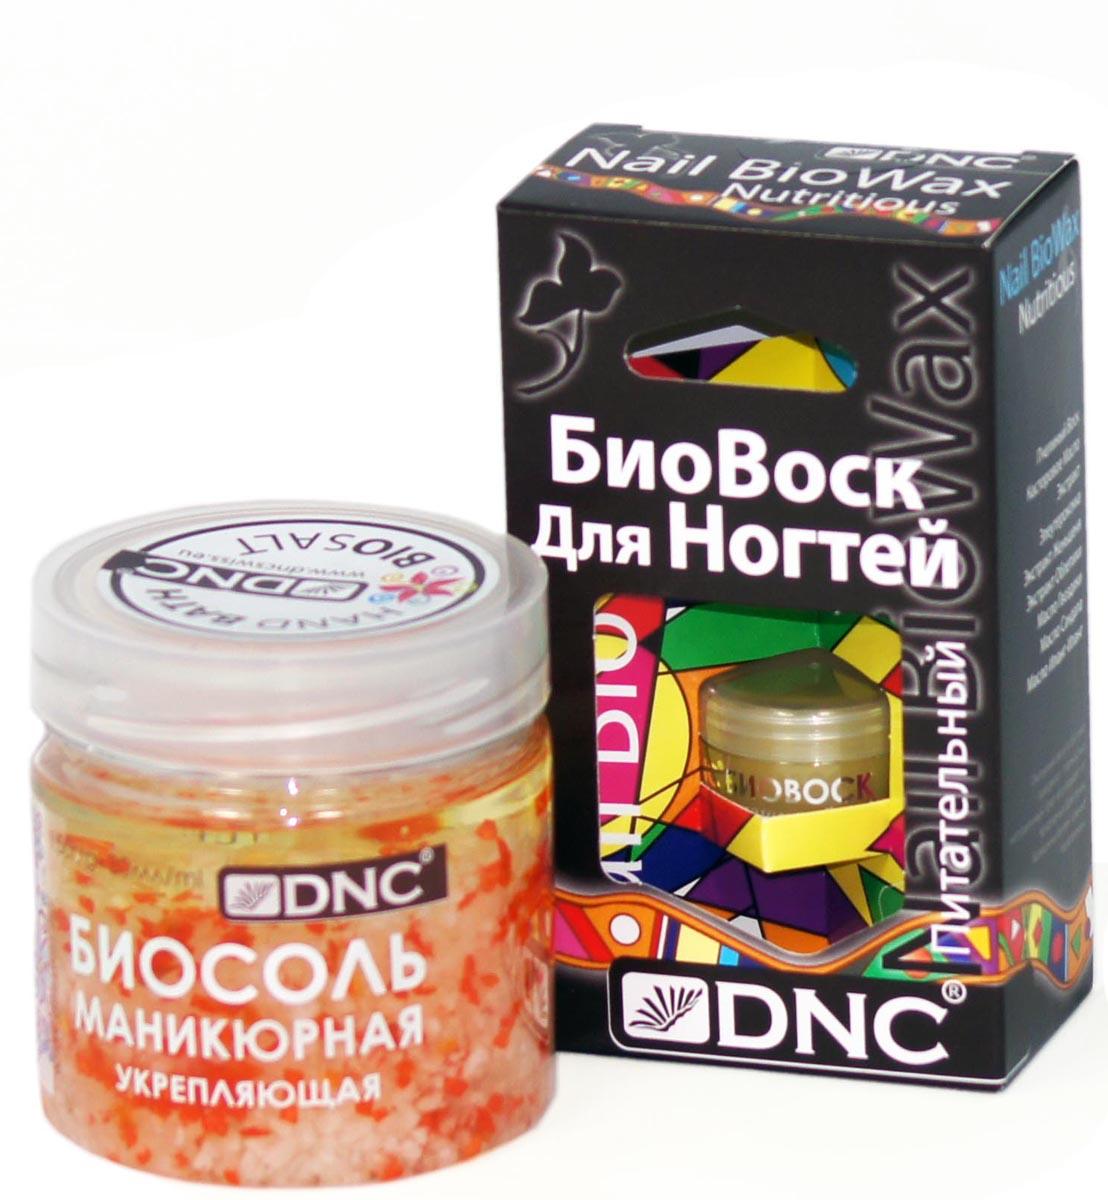 DNC Набор Биосоль маник. Укрепляющая 150 мл и Биовоск для Ногтей Питательный 6мл